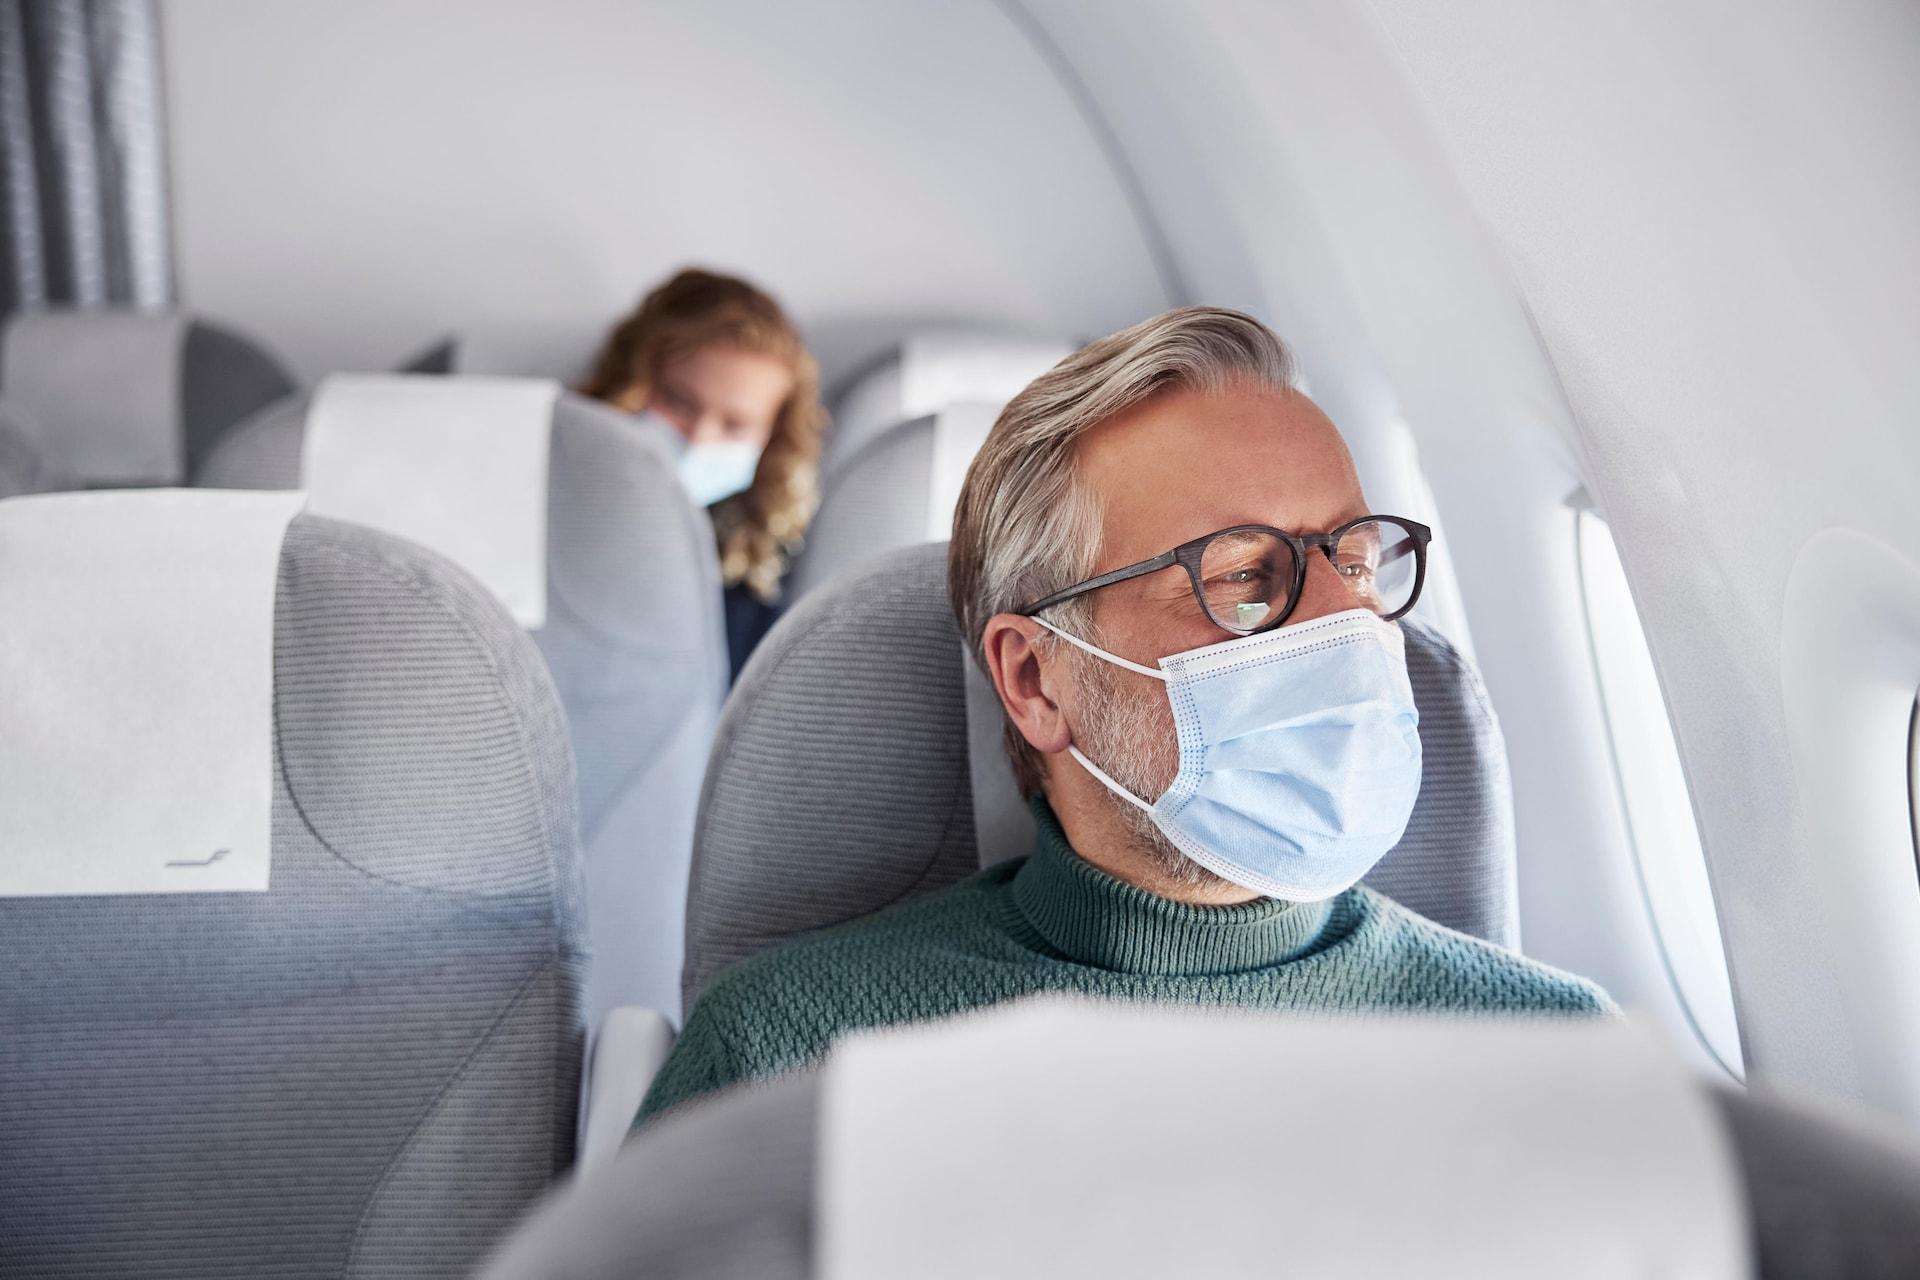 A Terveystalo Corona Test For Your Trip Finnair Spain